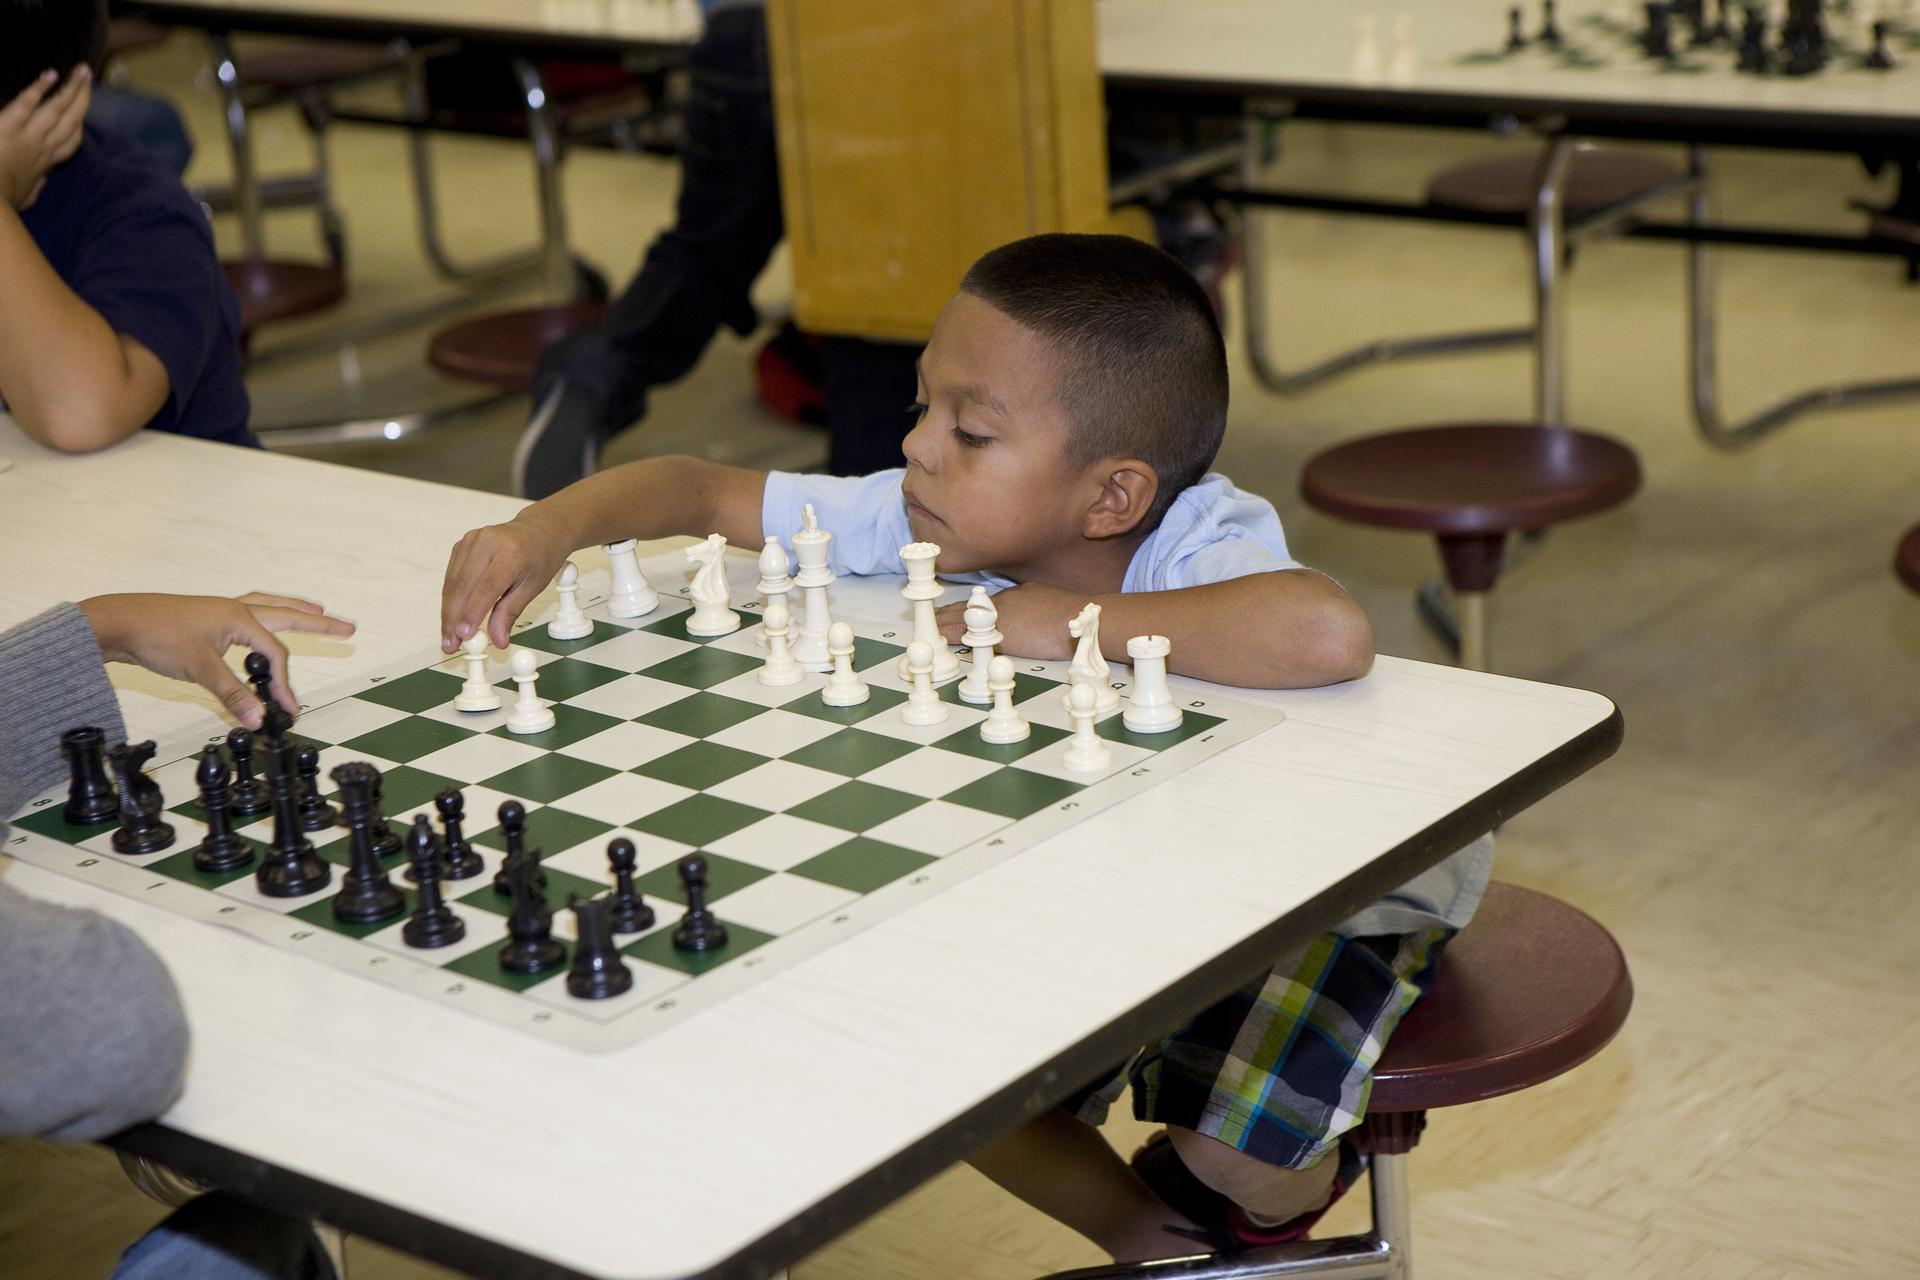 Sam Houston leaves impression at chess tournament